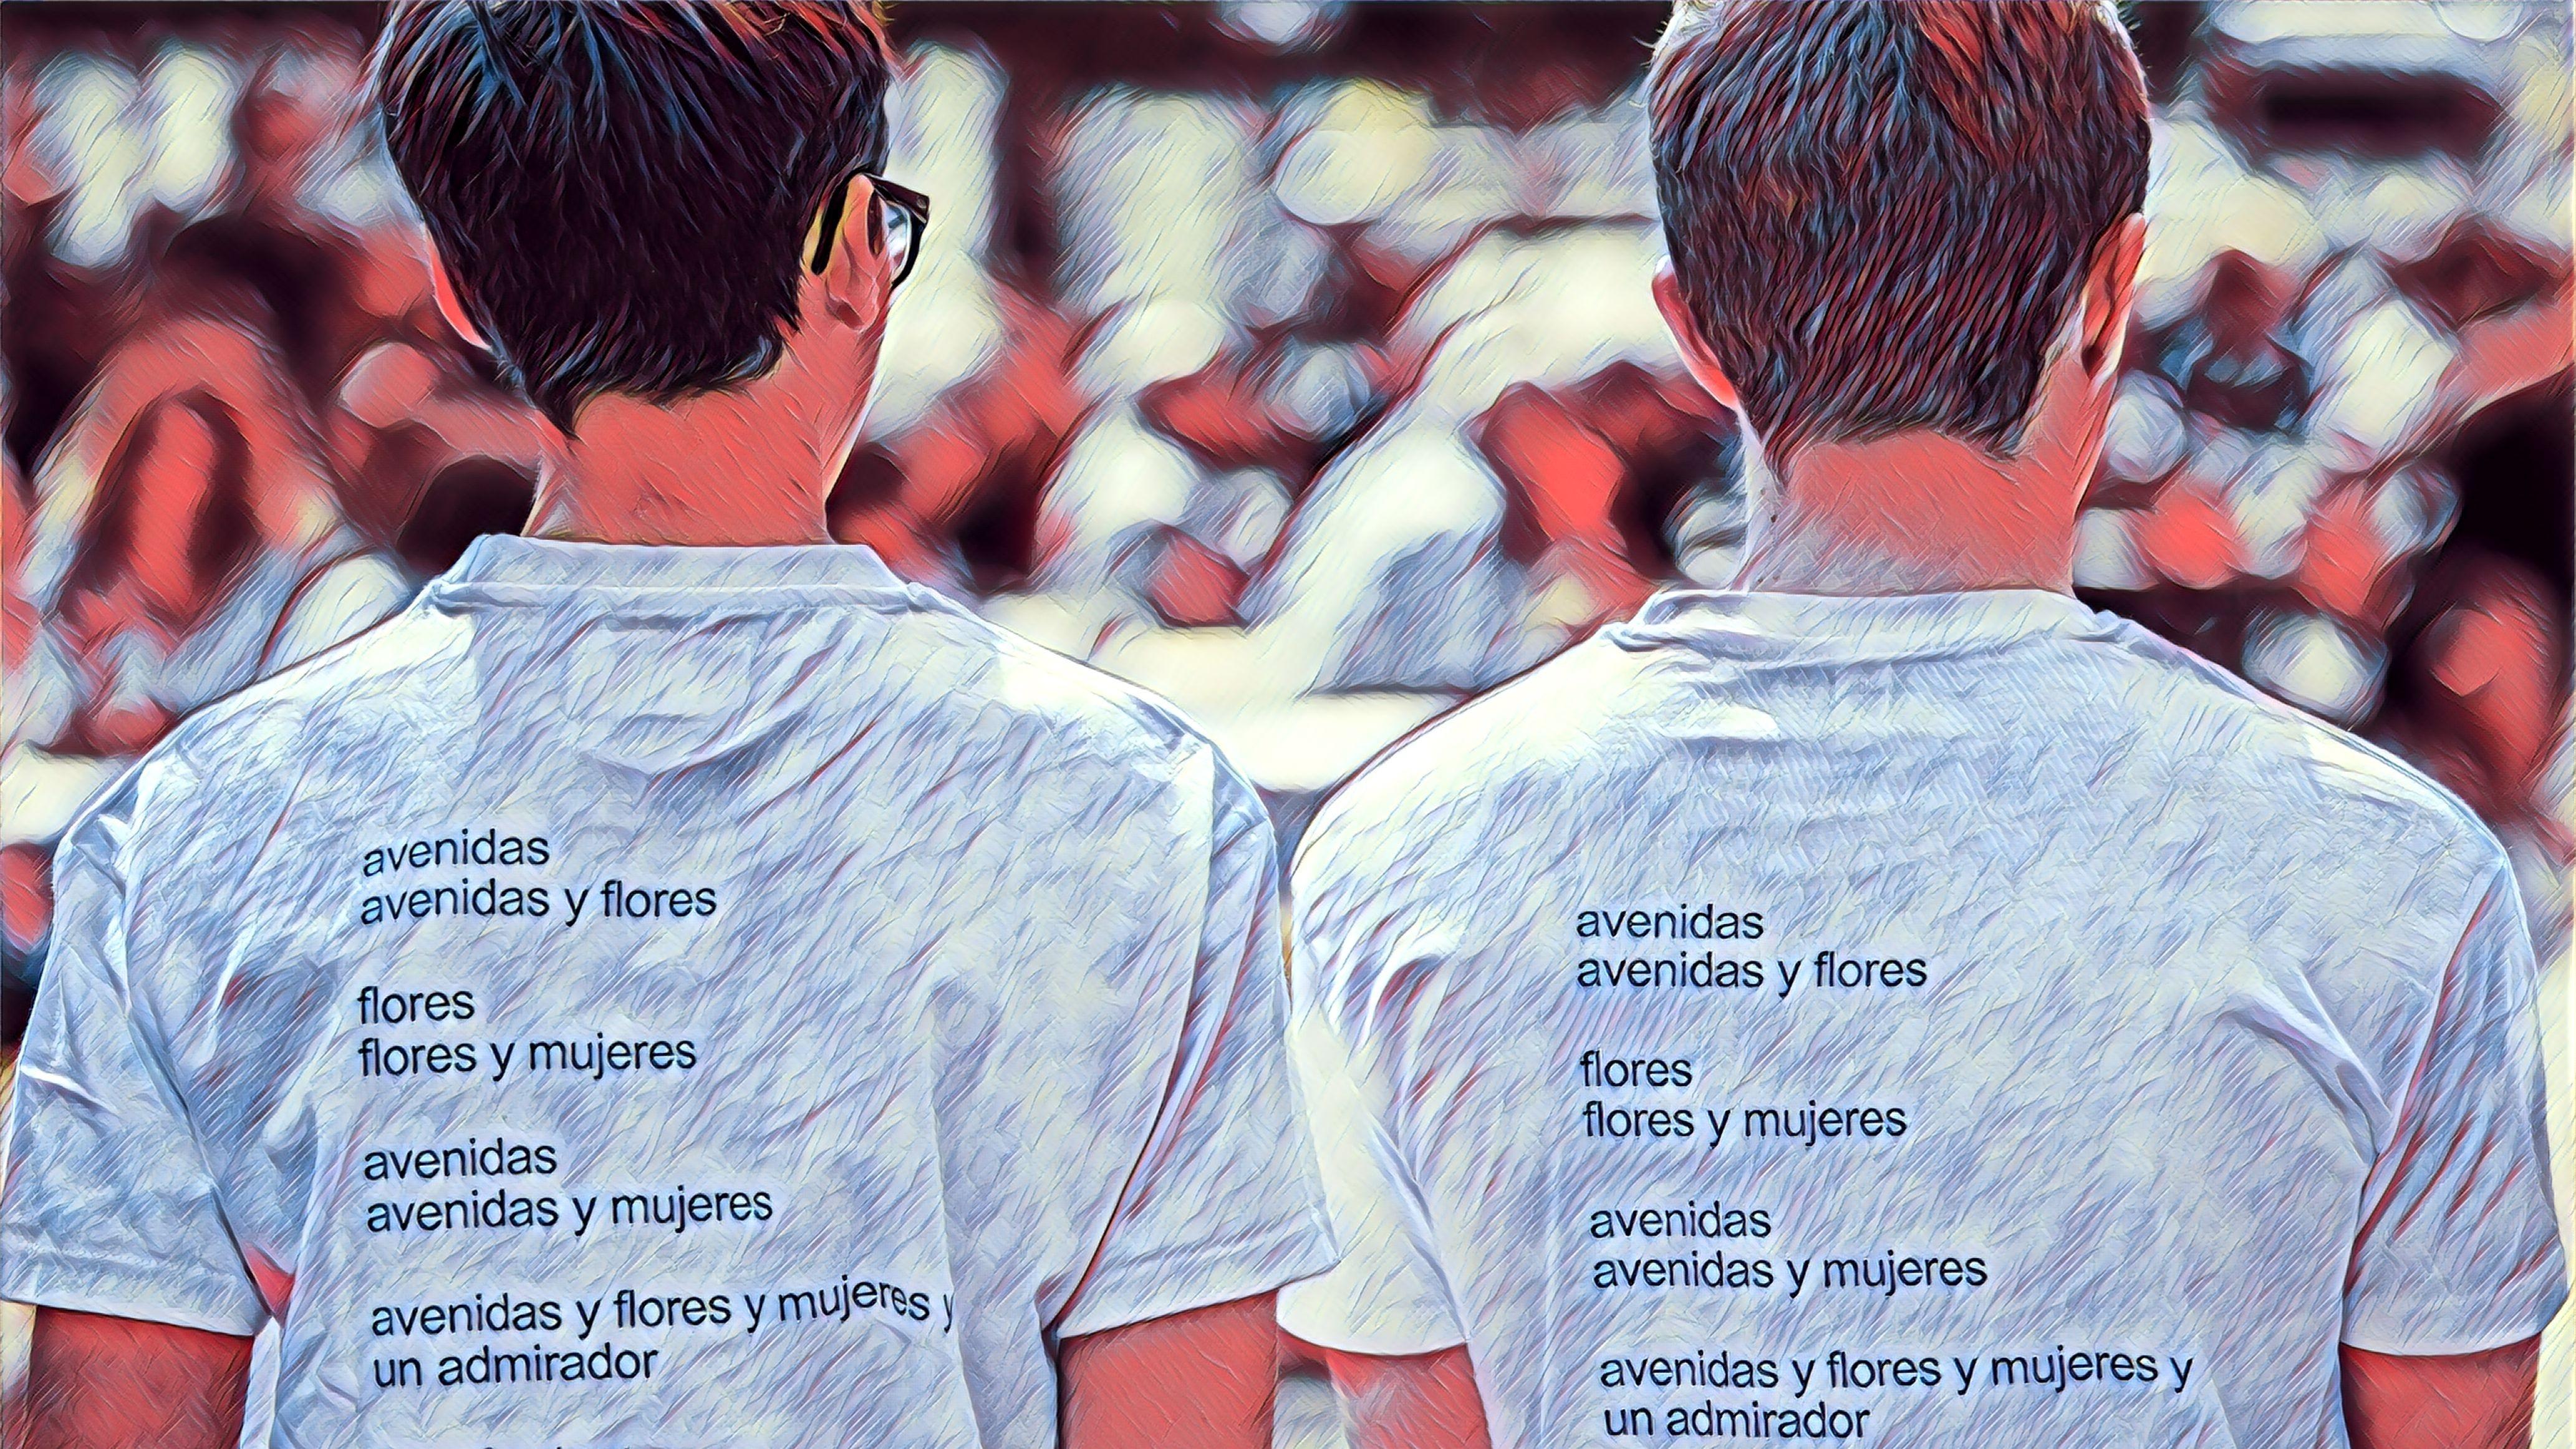 """Deutschland diskutiert über ein Gedicht: Zwei Jugendliche tragen T-Shirts mit dem aufgedruckten Gedicht """"avenidas"""" von Eugen Gomringer."""